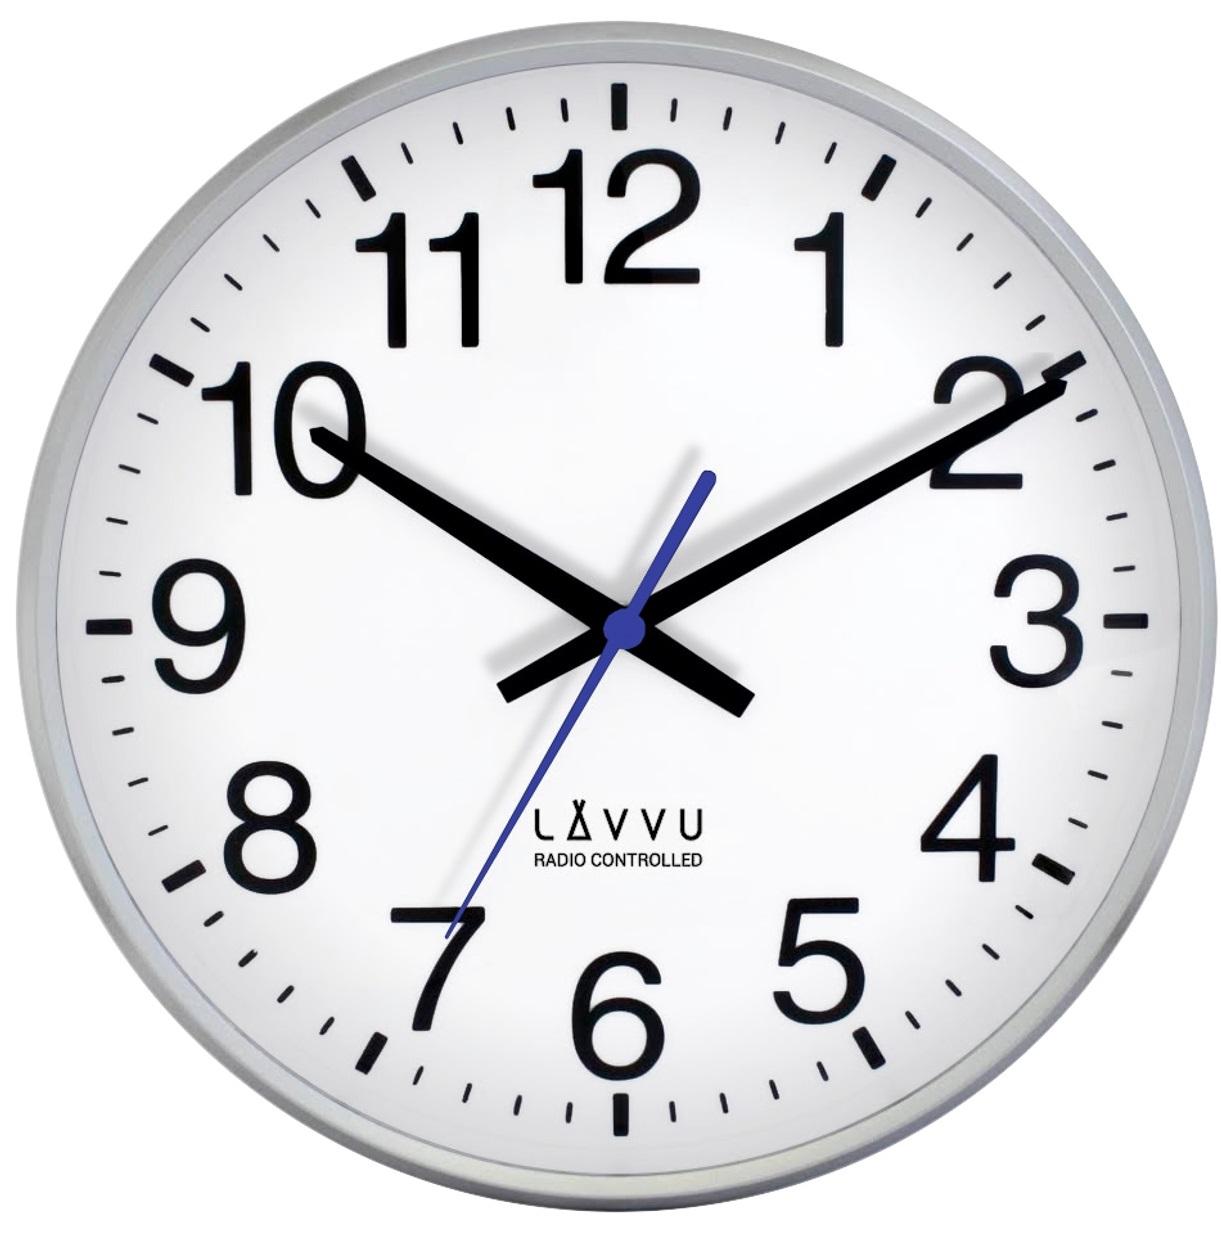 Stříbrné hodiny LAVVU FACTORY Metallic Grey řízené rádiovým signálem LCR2010 (rádiem říz